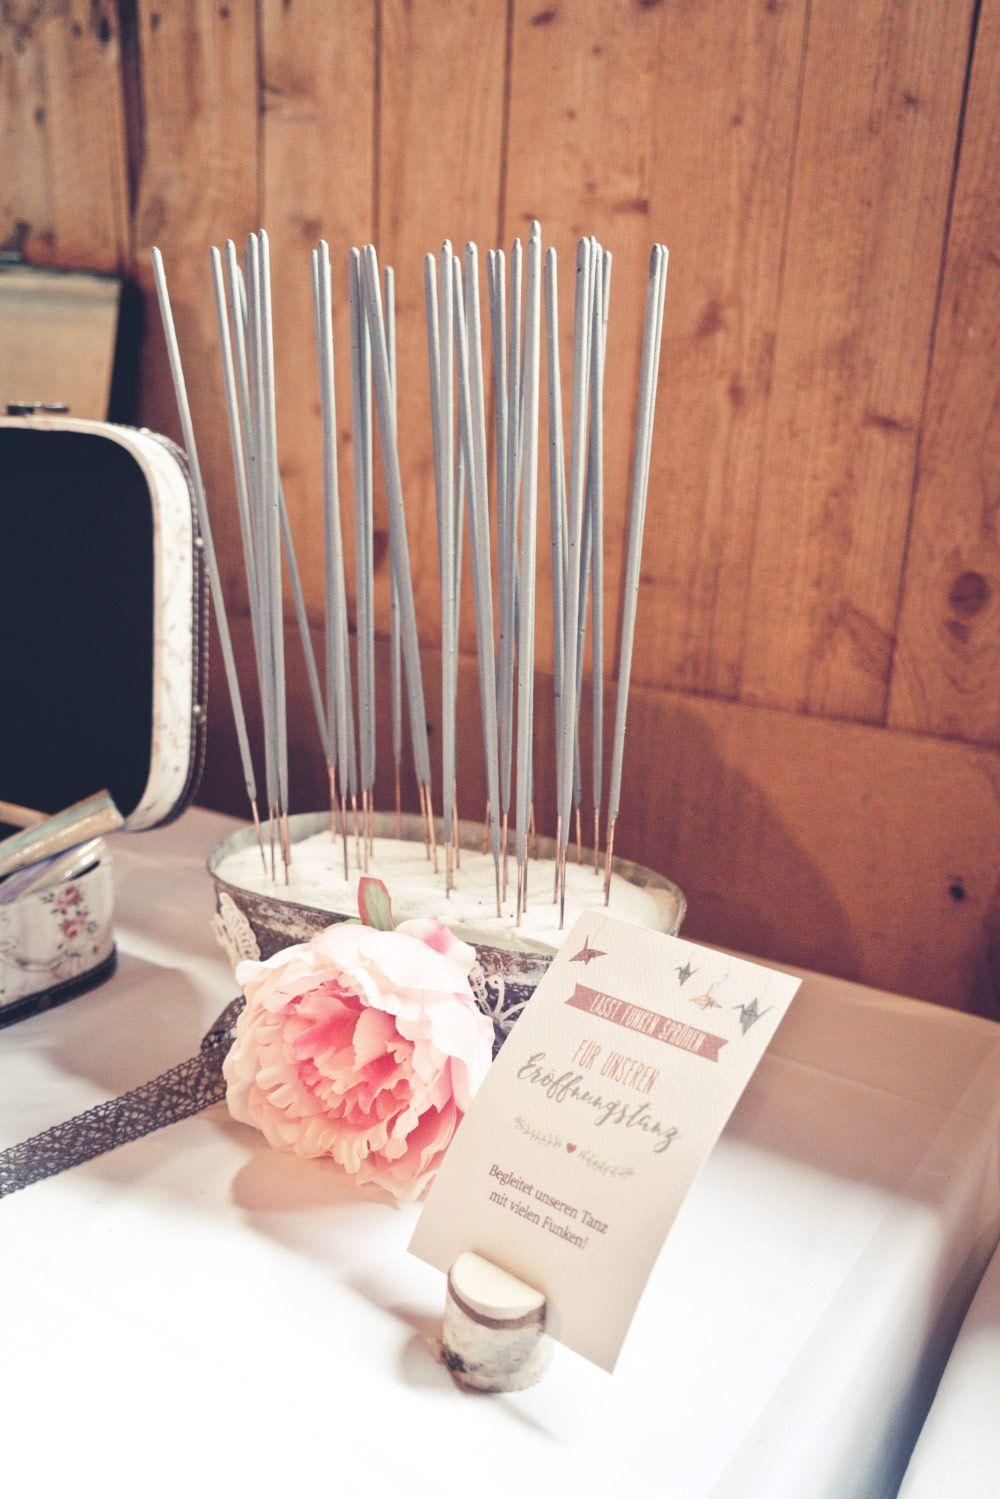 Wunderkerzen für den Eröffnungstanz bei der Hochzeit Foto Viktor